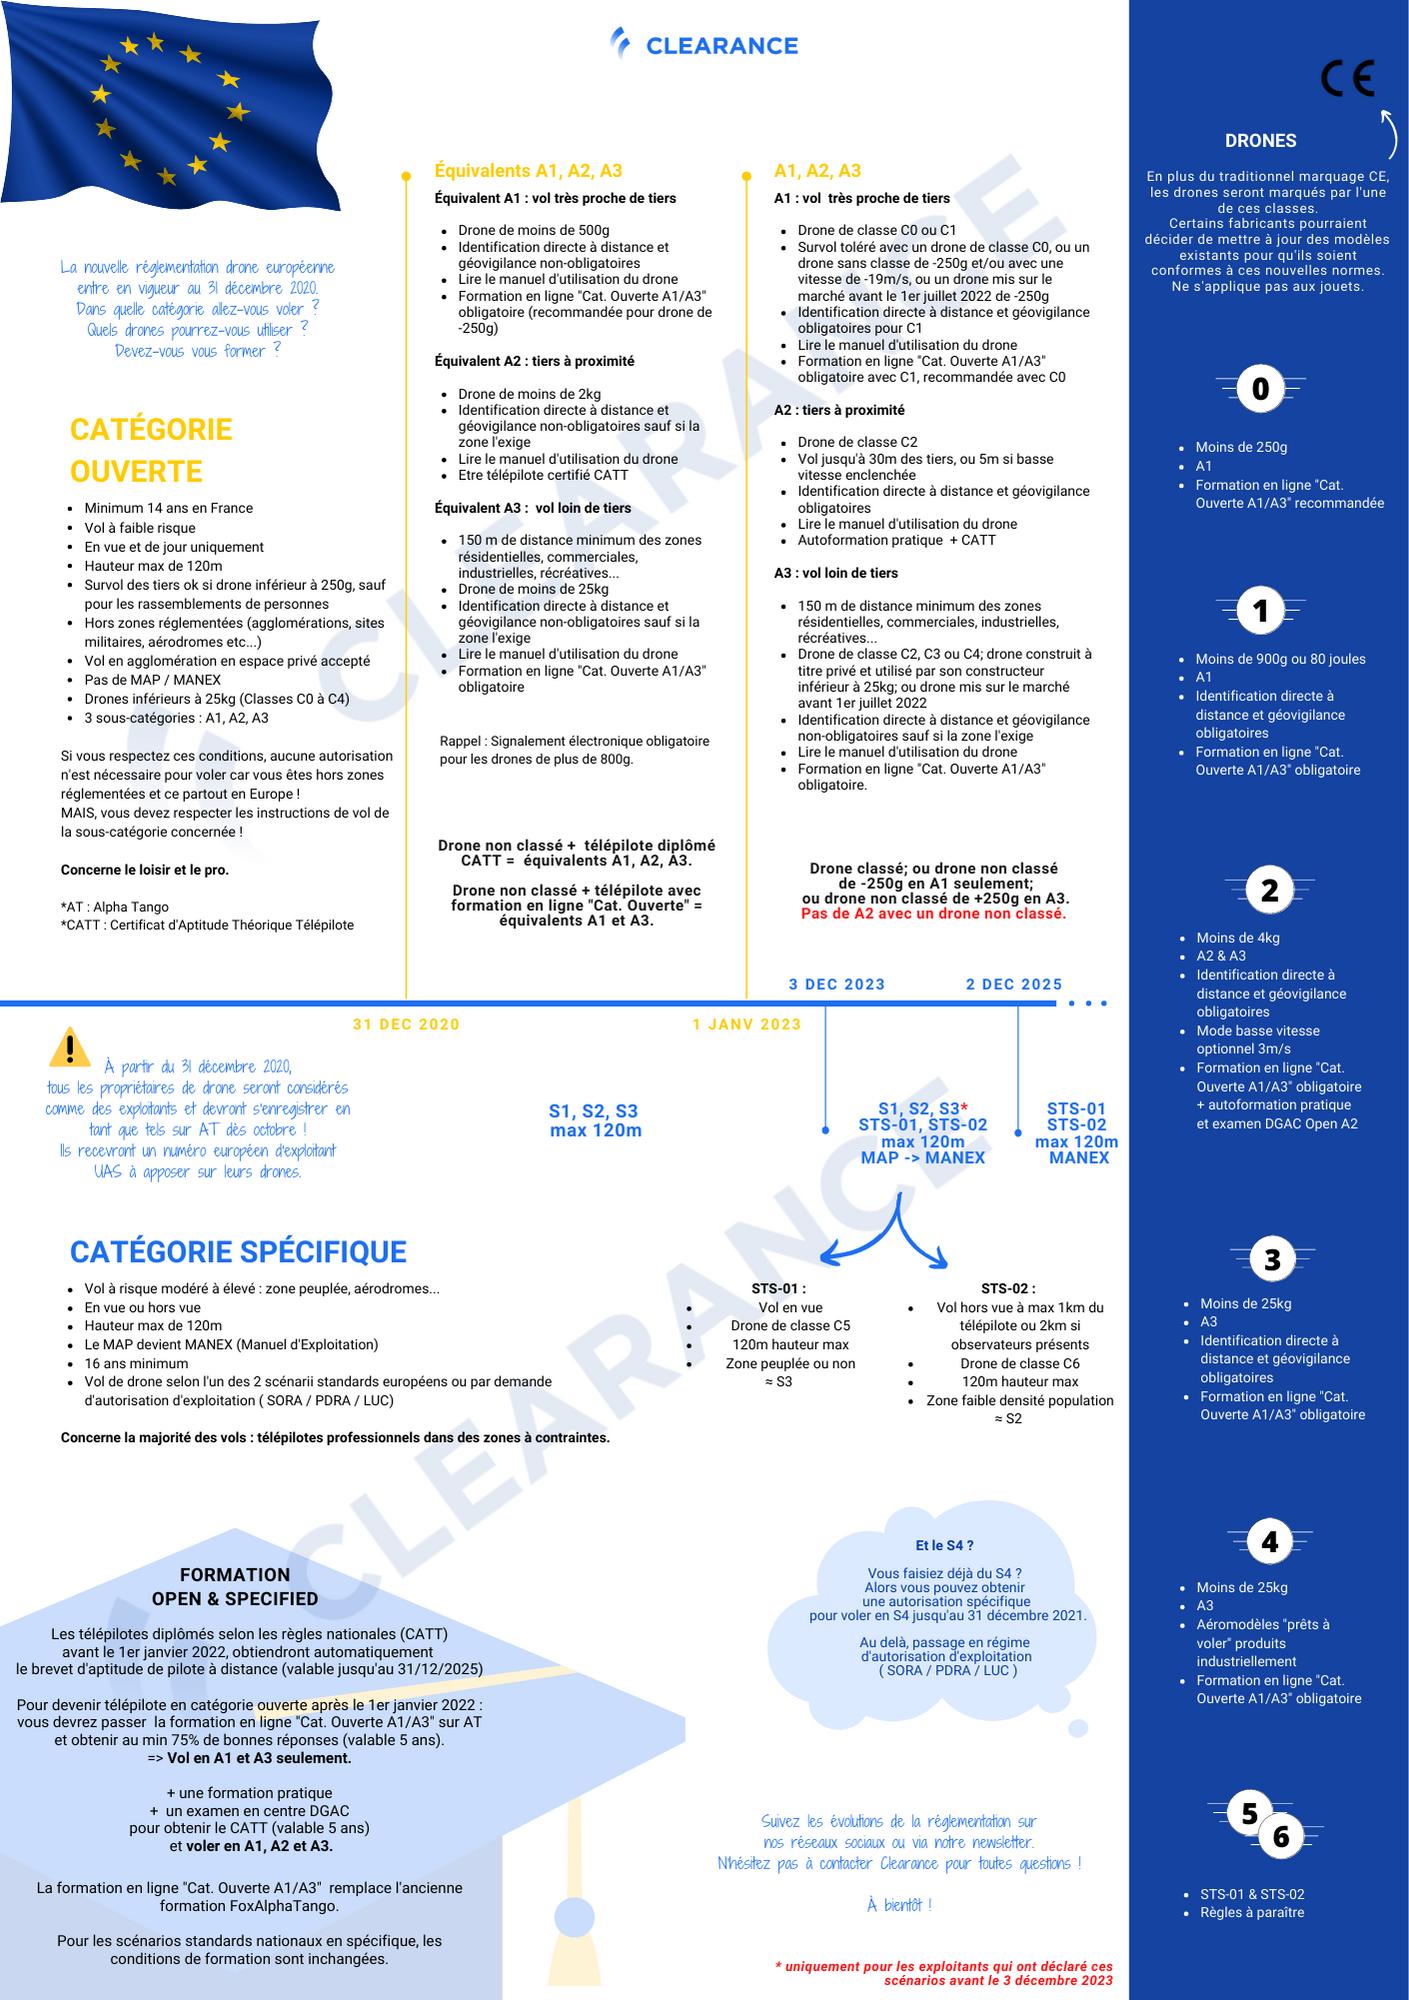 Les dates de la réglementation drone européenne par Clearance A3